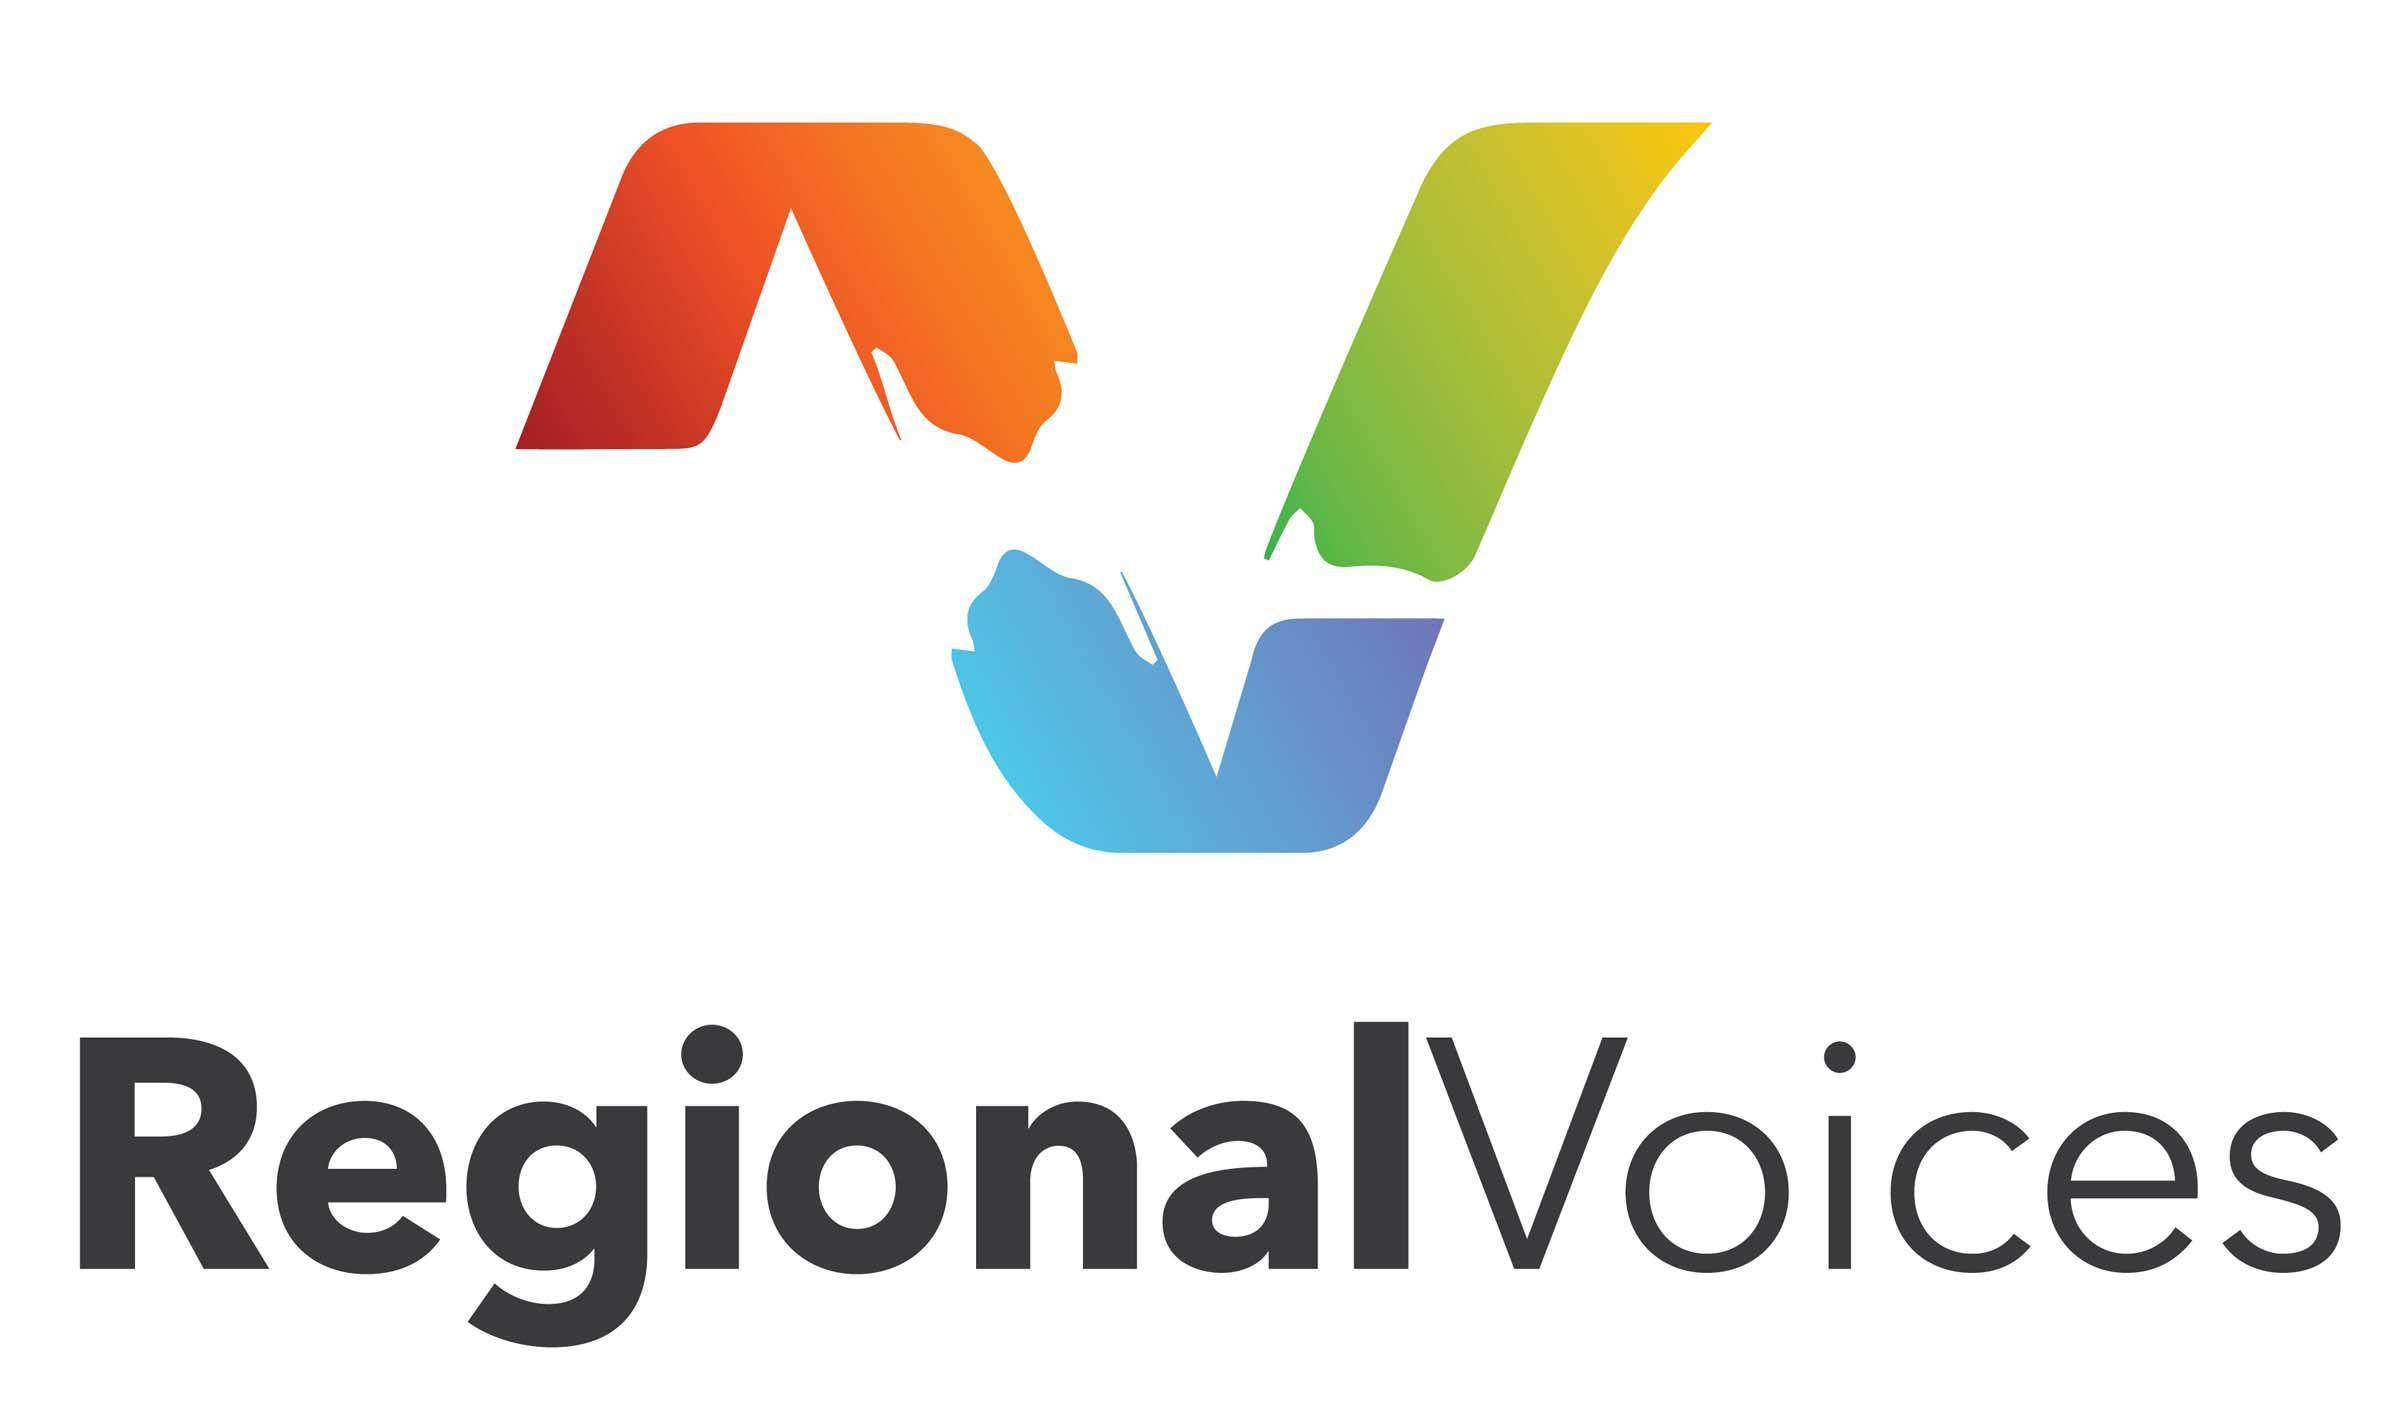 regionalvoices